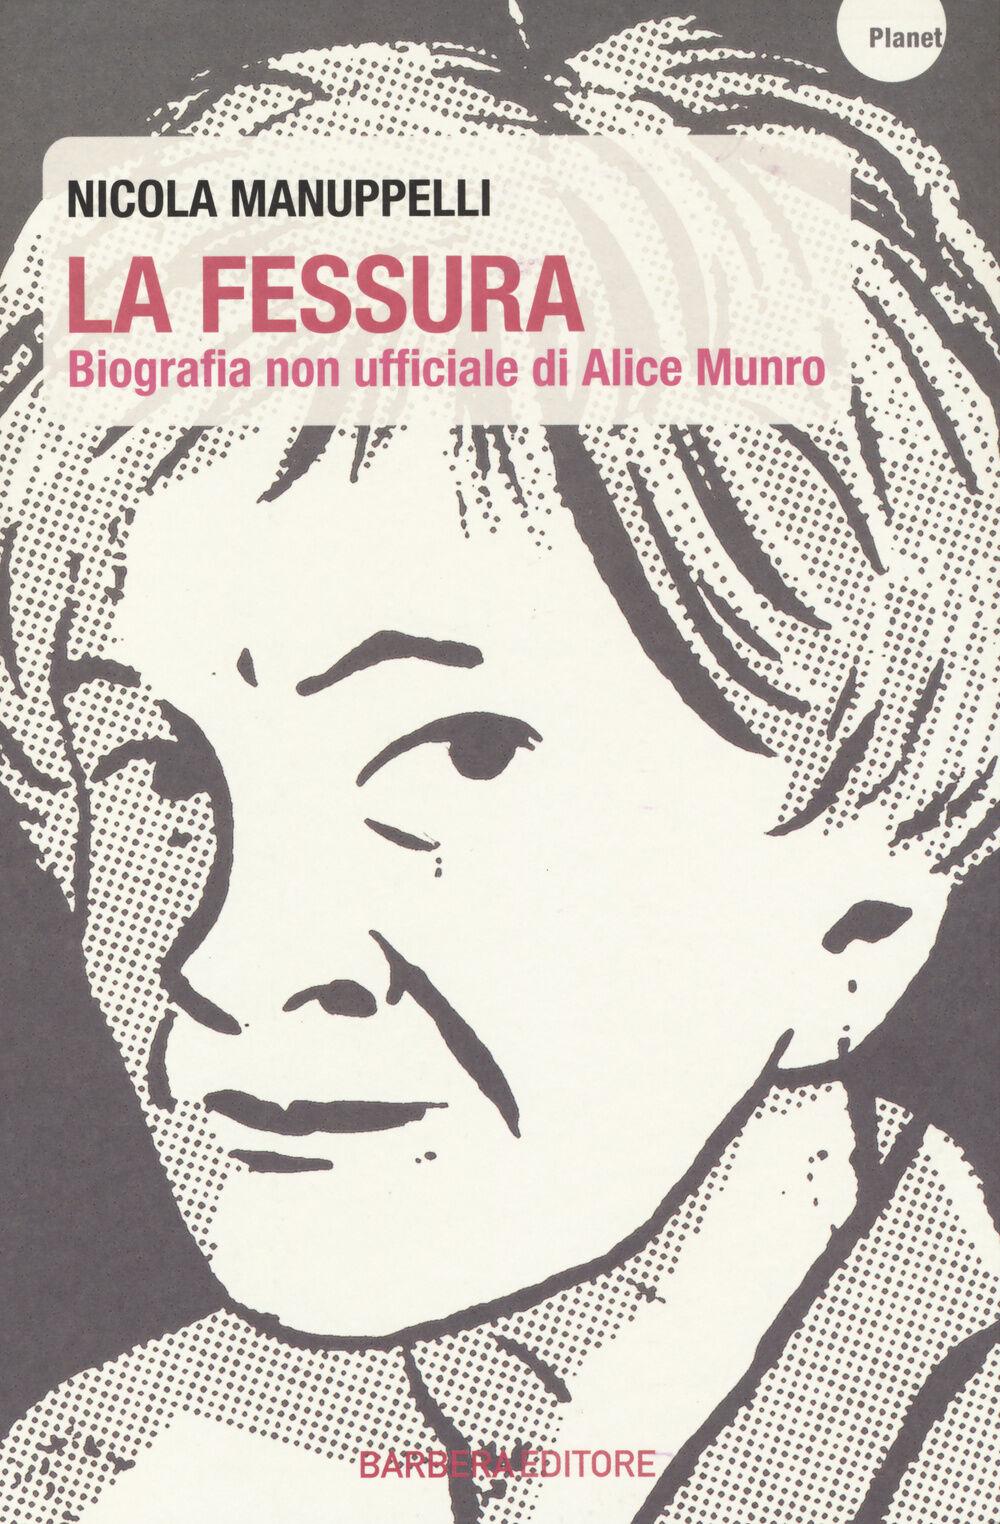 La fessura. Biografia non ufficiale di Alice Munro